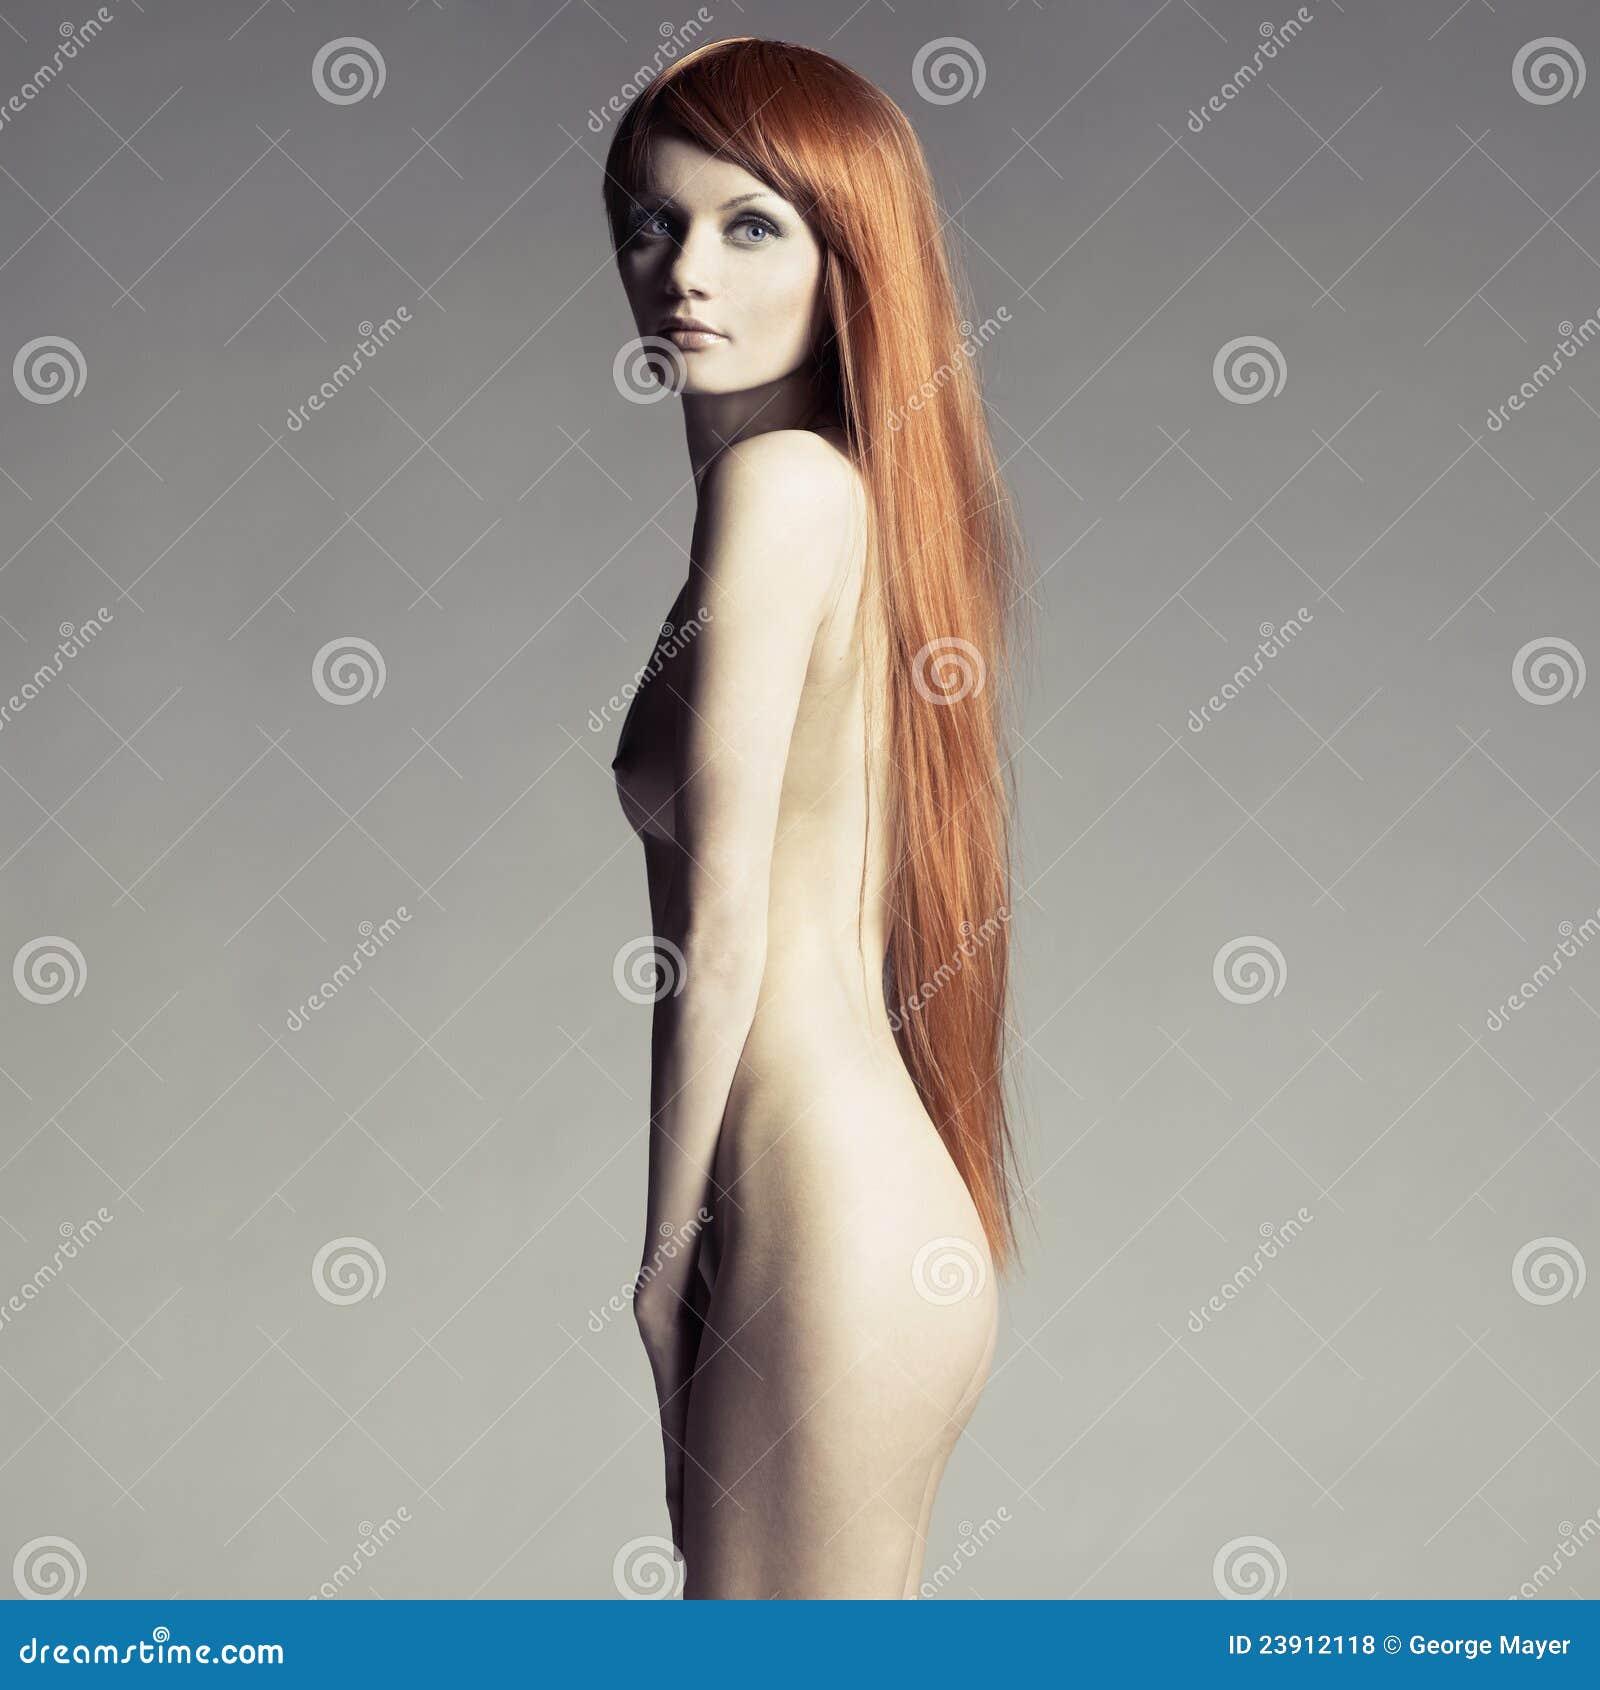 Фото красивых голых девушек с длинными волосами 25 фотография